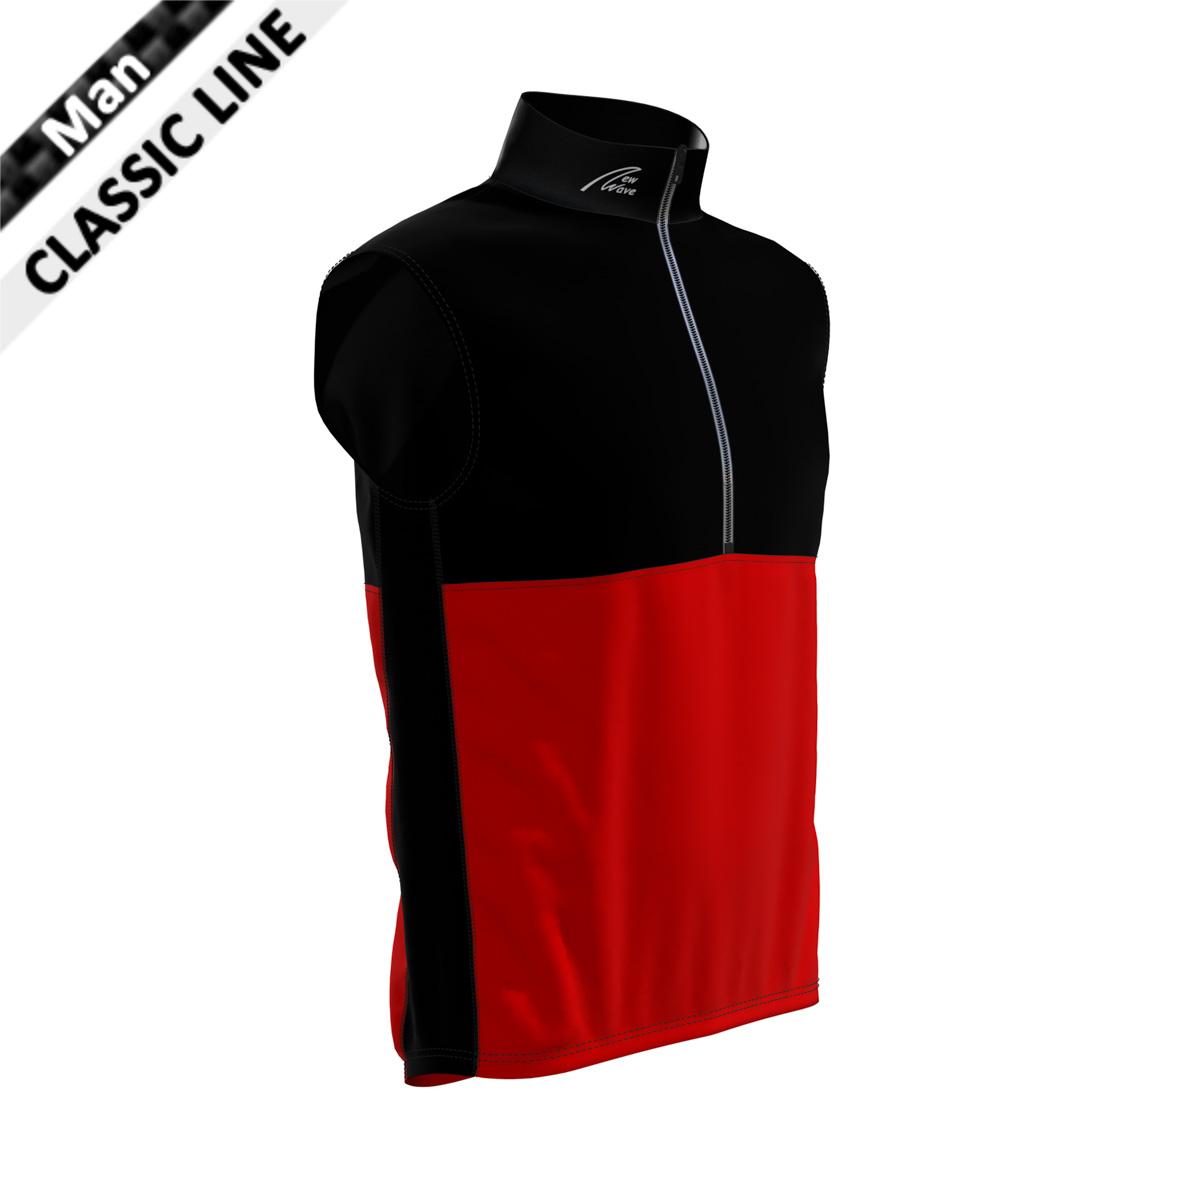 St. Moritz Vest - Man schwarz/rot  (Kragen, Brust, Rückenoberteil, Seitenstreifen - schwarz / Bauch, Rückenunterteil - rot)